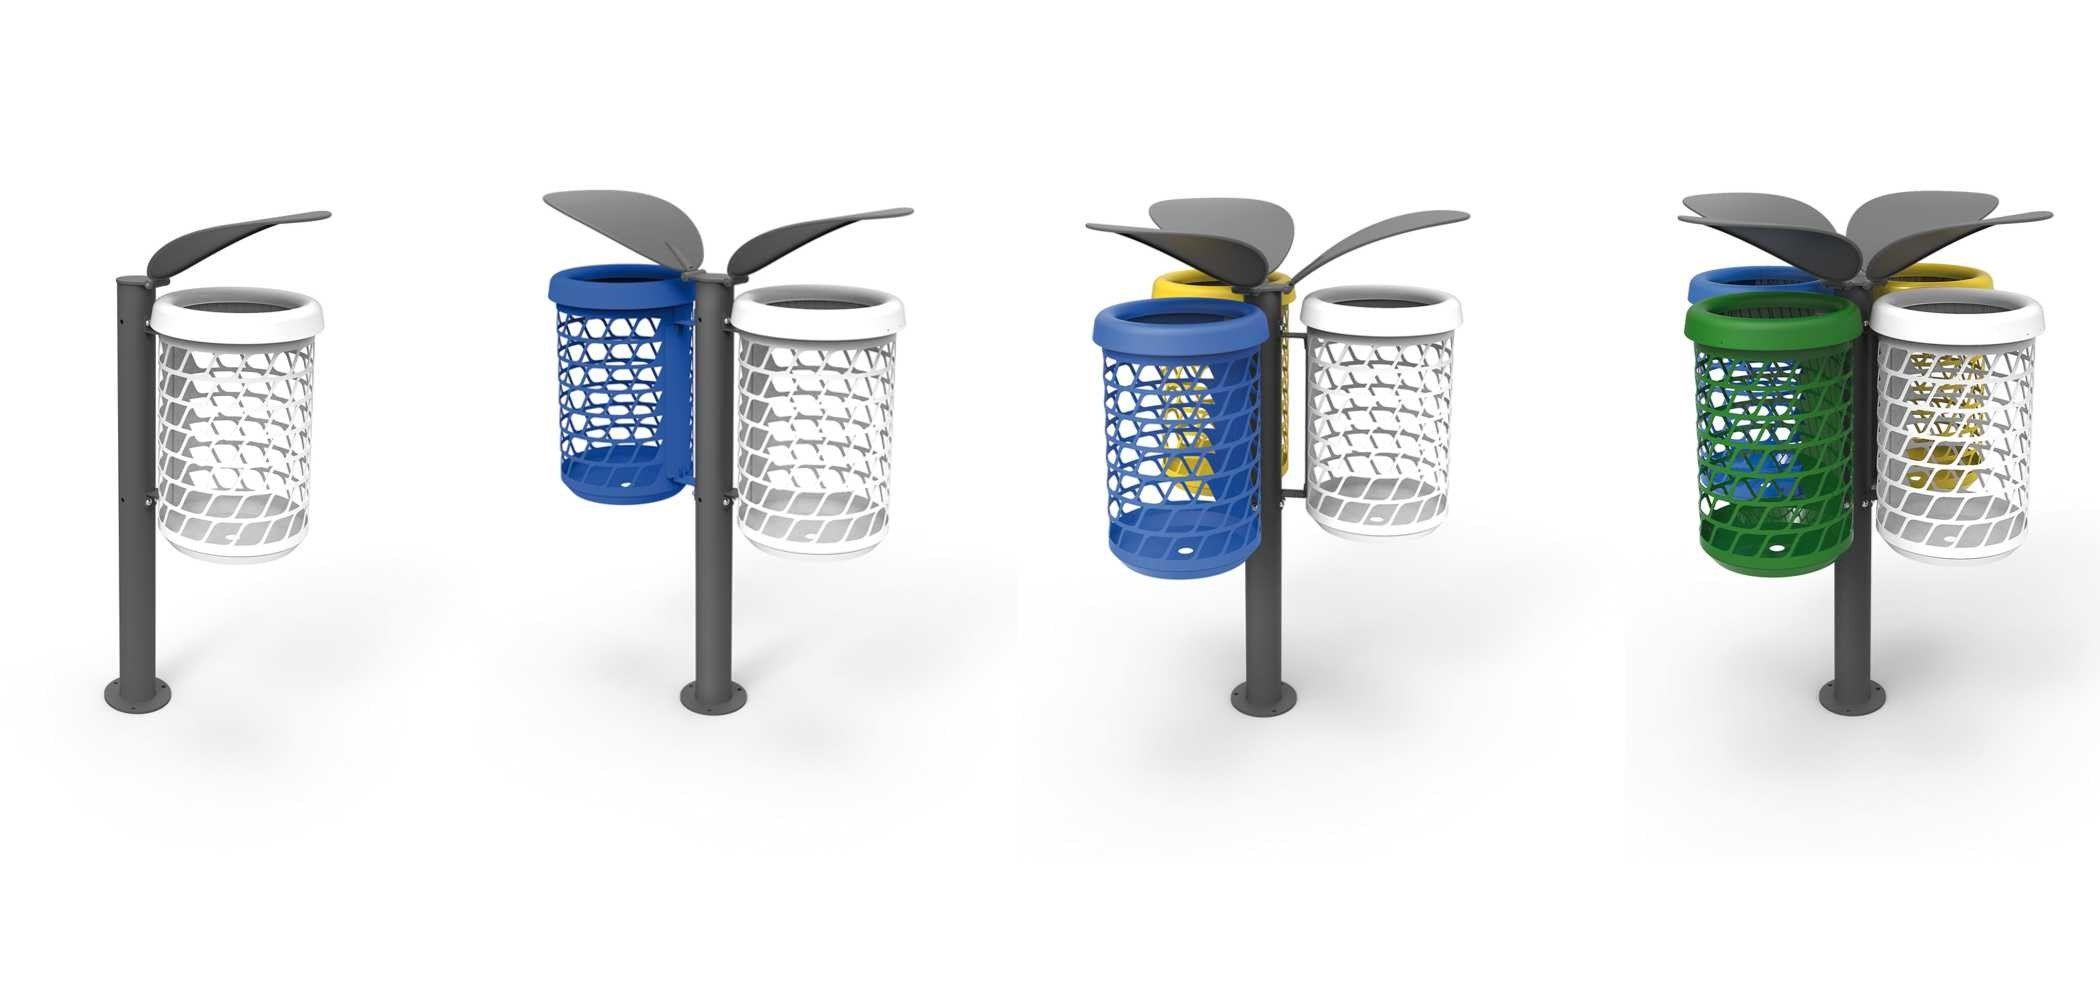 Poubelle pour ext rieur de tri s lectif bravo boom metalco for Poubelle exterieur design